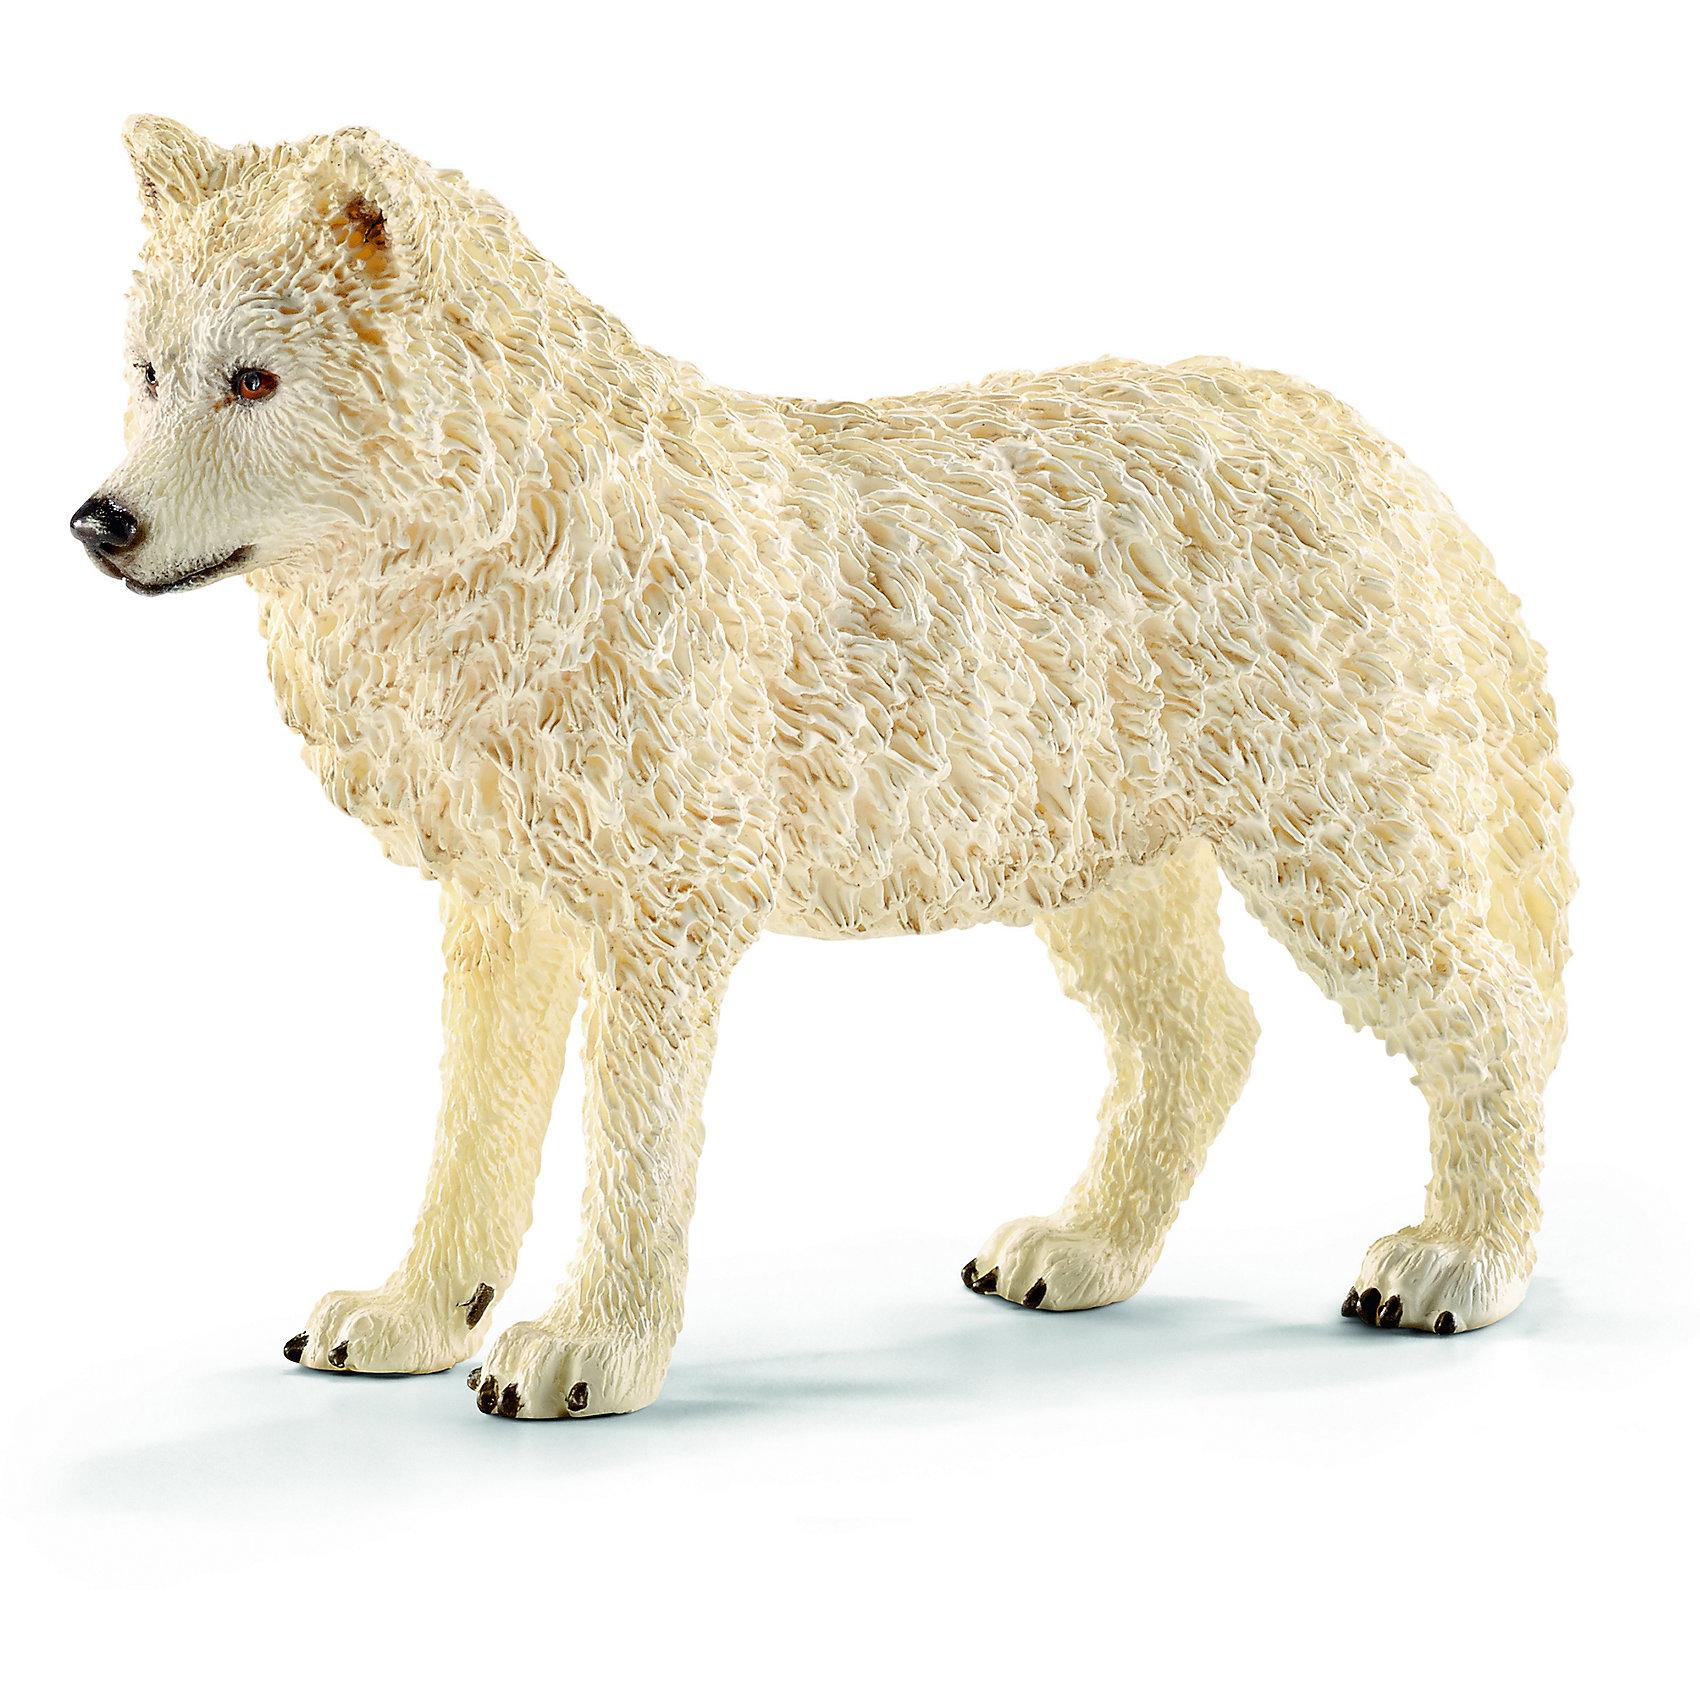 Волк, SchleichМир животных<br>Волк, Schleich (Шляйх) – это высококачественная коллекционная и игровая фигурка.<br>Фигурка Волка прекрасно разнообразит игру вашего ребенка и станет отличным пополнением коллекции его фигурок животных. Арктический волк - необычное красивое и уникальное животное. Белоснежный волк обитает в северных широтах. Арктический волк до сих пор обитает на всей территории исторически доступной его виду. Причиной тому является слабая конкуренция с человеком. Он превосходный охотник, однако, в поисках пищи в условиях сильного мороза он вынужден проходить ежедневно до 30 км в день! <br>Прекрасно выполненные фигурки Schleich (Шляйх) являются максимально точной копией настоящих животных и отличаются высочайшим качеством игрушек ручной работы. Каждая фигурка разработана с учетом исследований в области педагогики и производится как настоящее произведение для маленьких детских ручек. Все фигурки Schleich (Шляйх) сделаны из гипоаллергенных высокотехнологичных материалов, раскрашены вручную и не вызывают аллергии у ребенка.<br><br>Дополнительная информация:<br><br>- Размер фигурки: 2,8 х 6,1 х 8,8 см.<br>- Материал: высококачественный каучуковый пластик<br><br>Фигурку Волка, Schleich (Шляйх) можно купить в нашем интернет-магазине.<br><br>Ширина мм: 96<br>Глубина мм: 66<br>Высота мм: 25<br>Вес г: 45<br>Возраст от месяцев: 36<br>Возраст до месяцев: 96<br>Пол: Унисекс<br>Возраст: Детский<br>SKU: 3902549